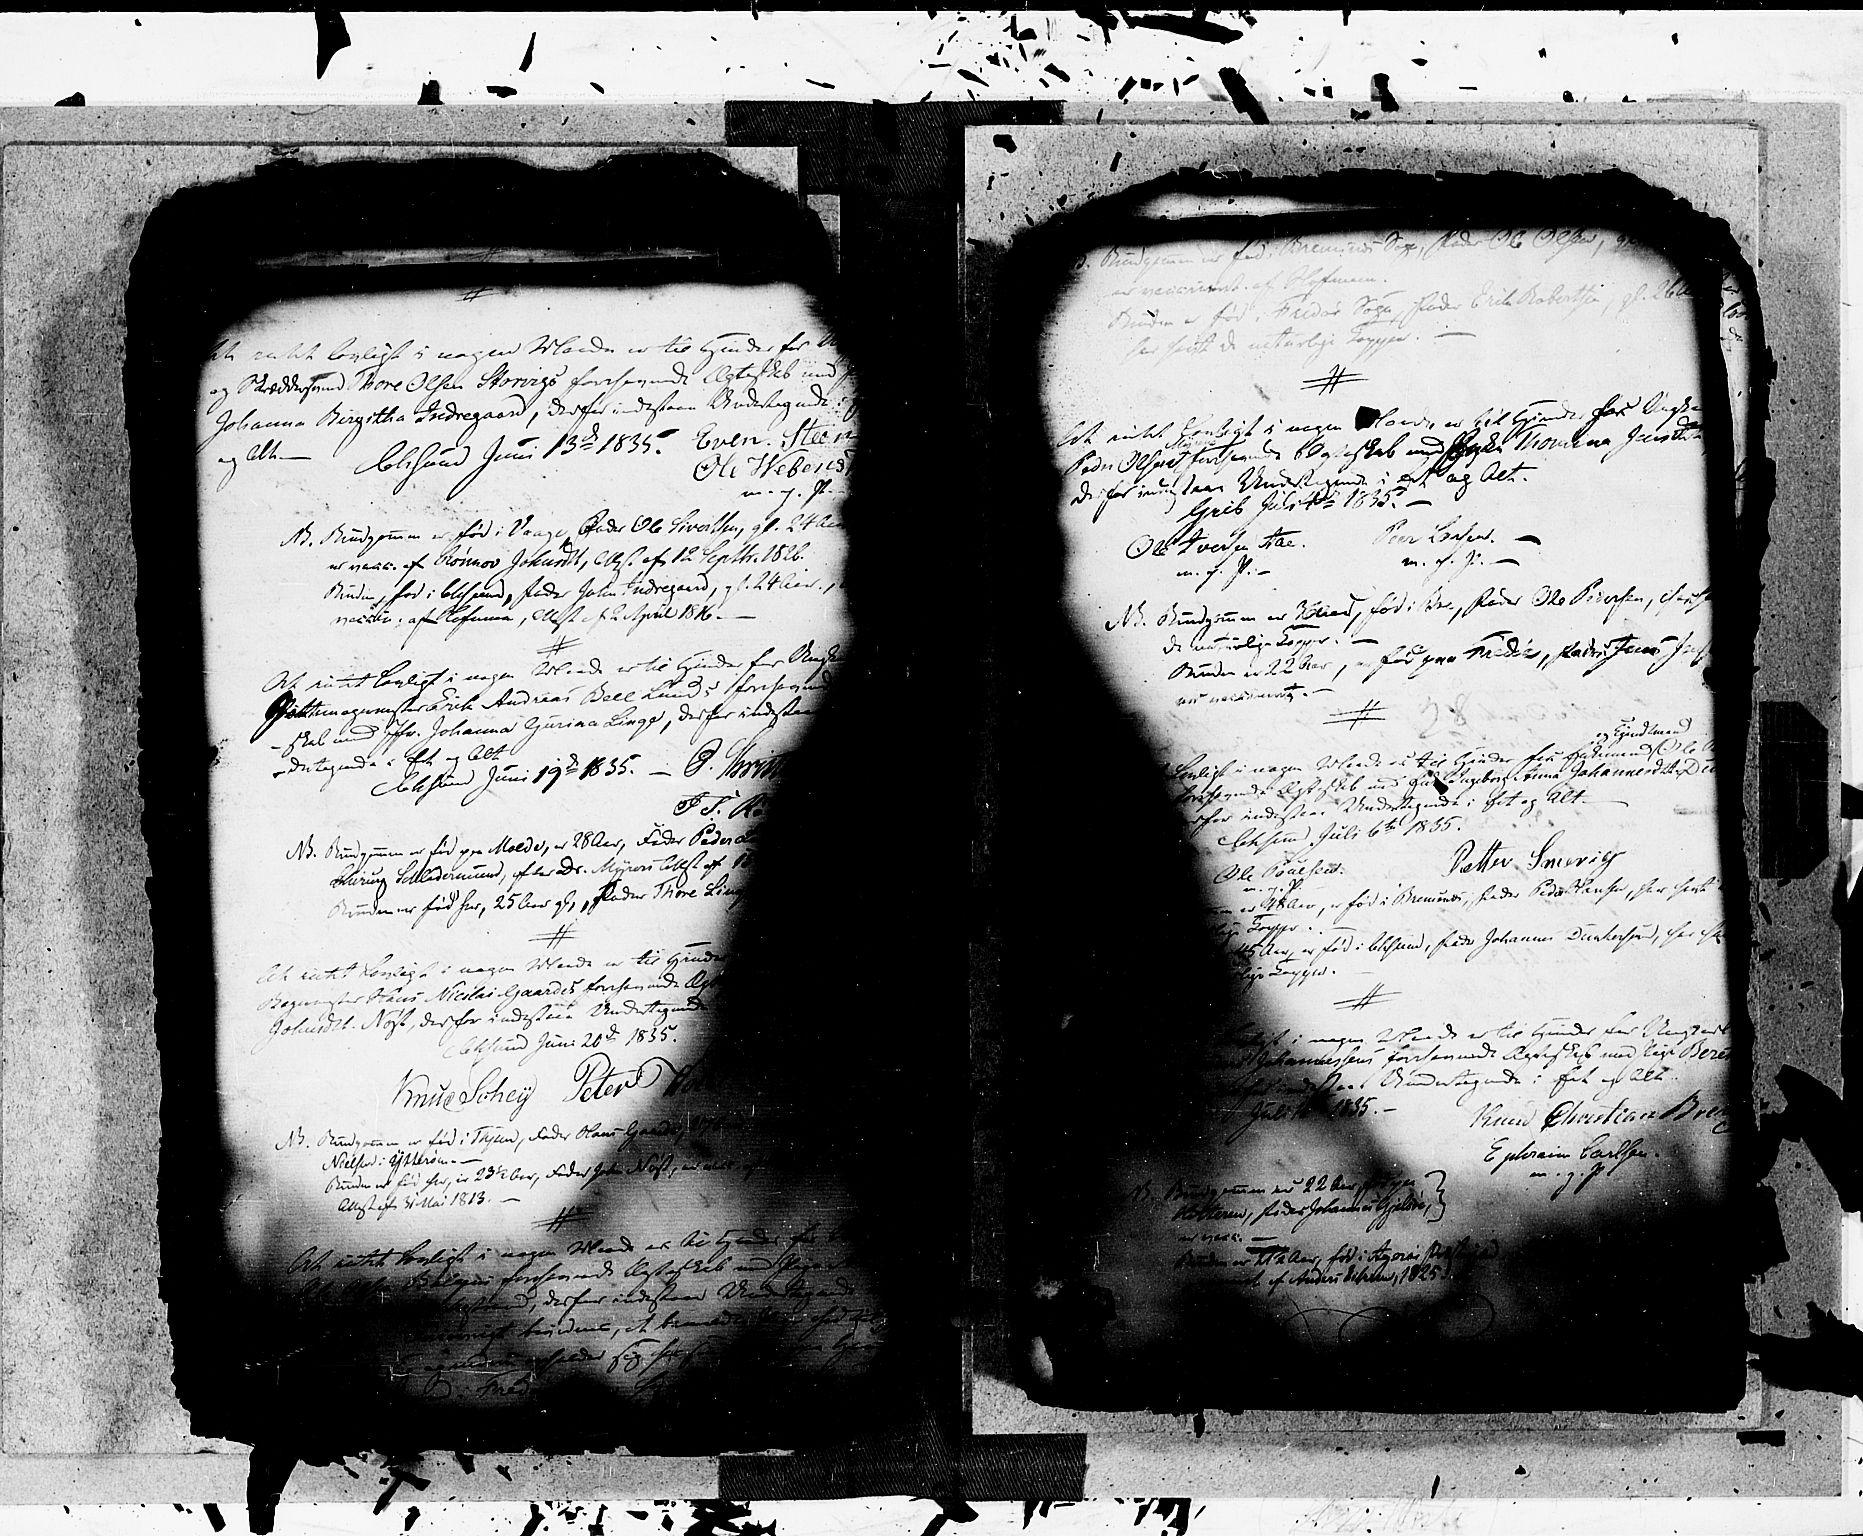 SAT, Arkivreferanse ukjent*, Forlovererklæringer nr. 15, 1828-1846, s. 28